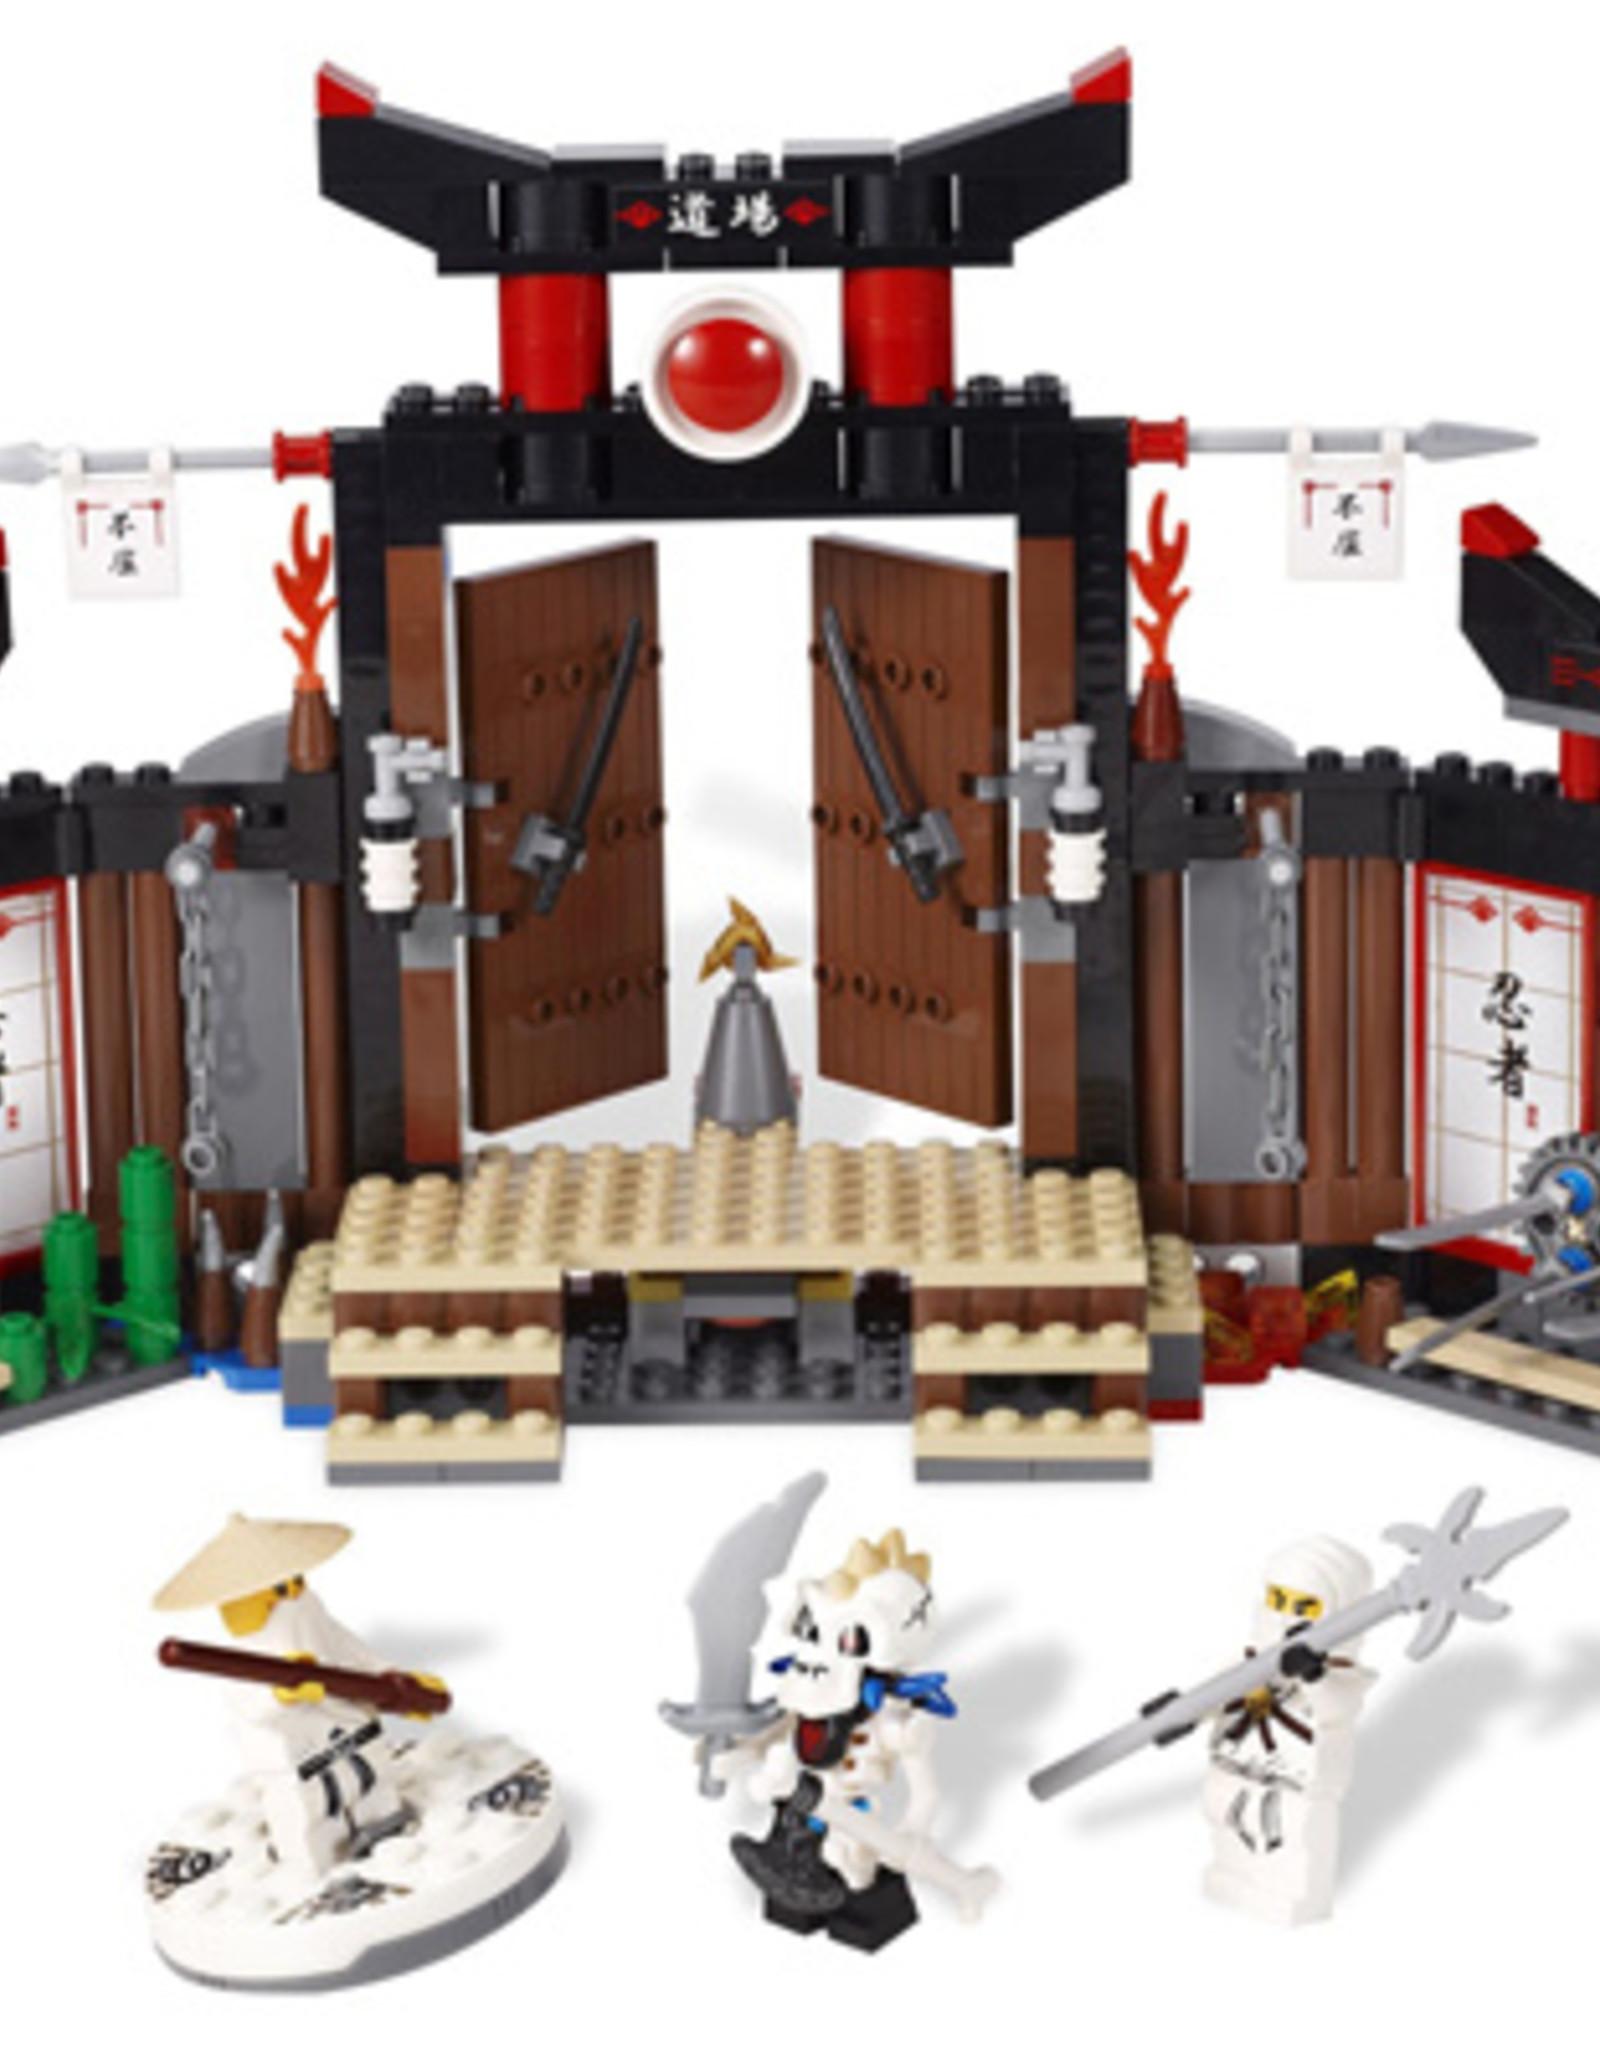 LEGO LEGO 2504 Spinjitzu Dojo NINJAGO